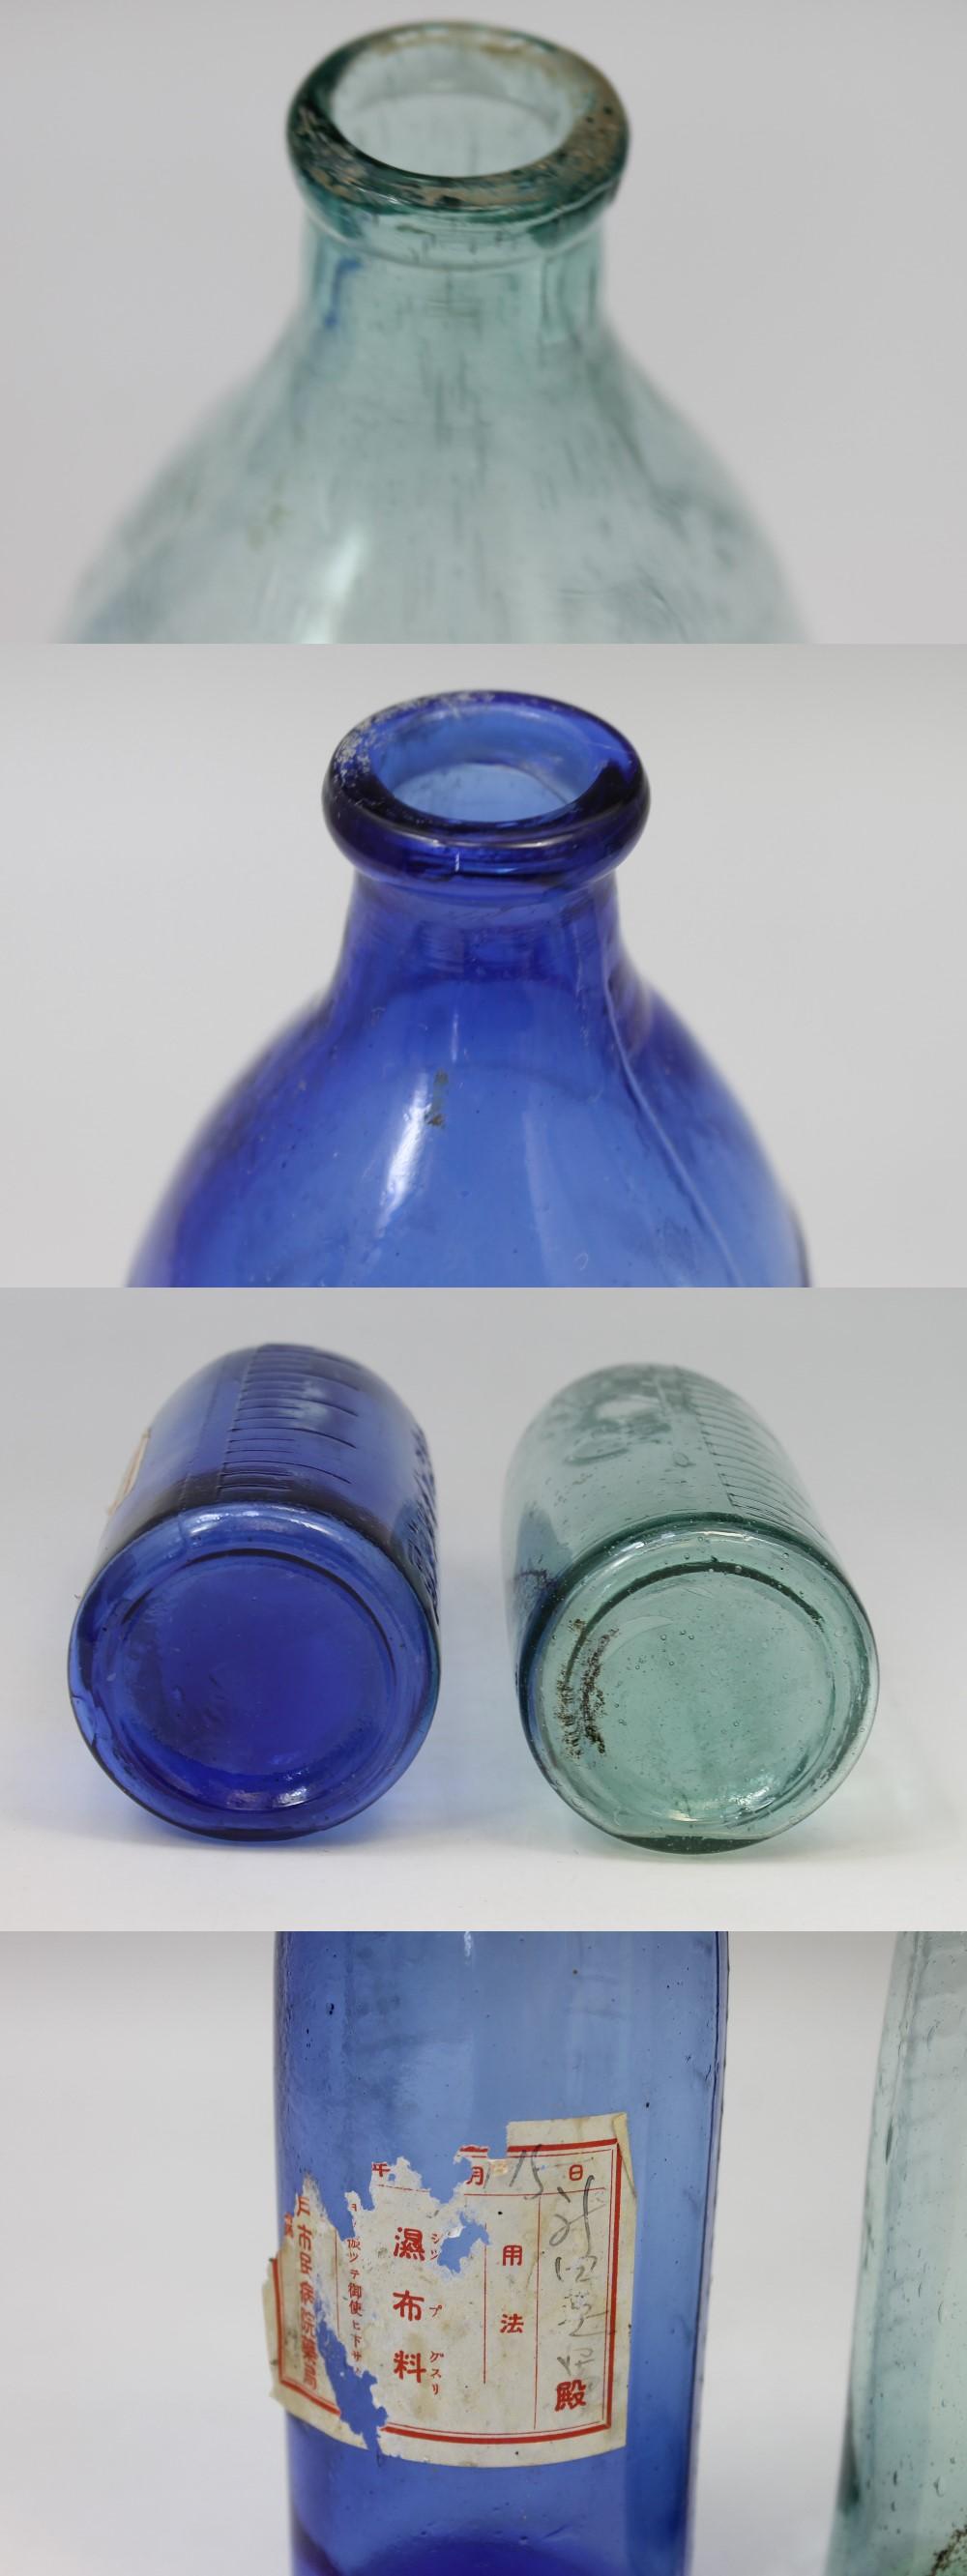 260神戸市民病院瓶2